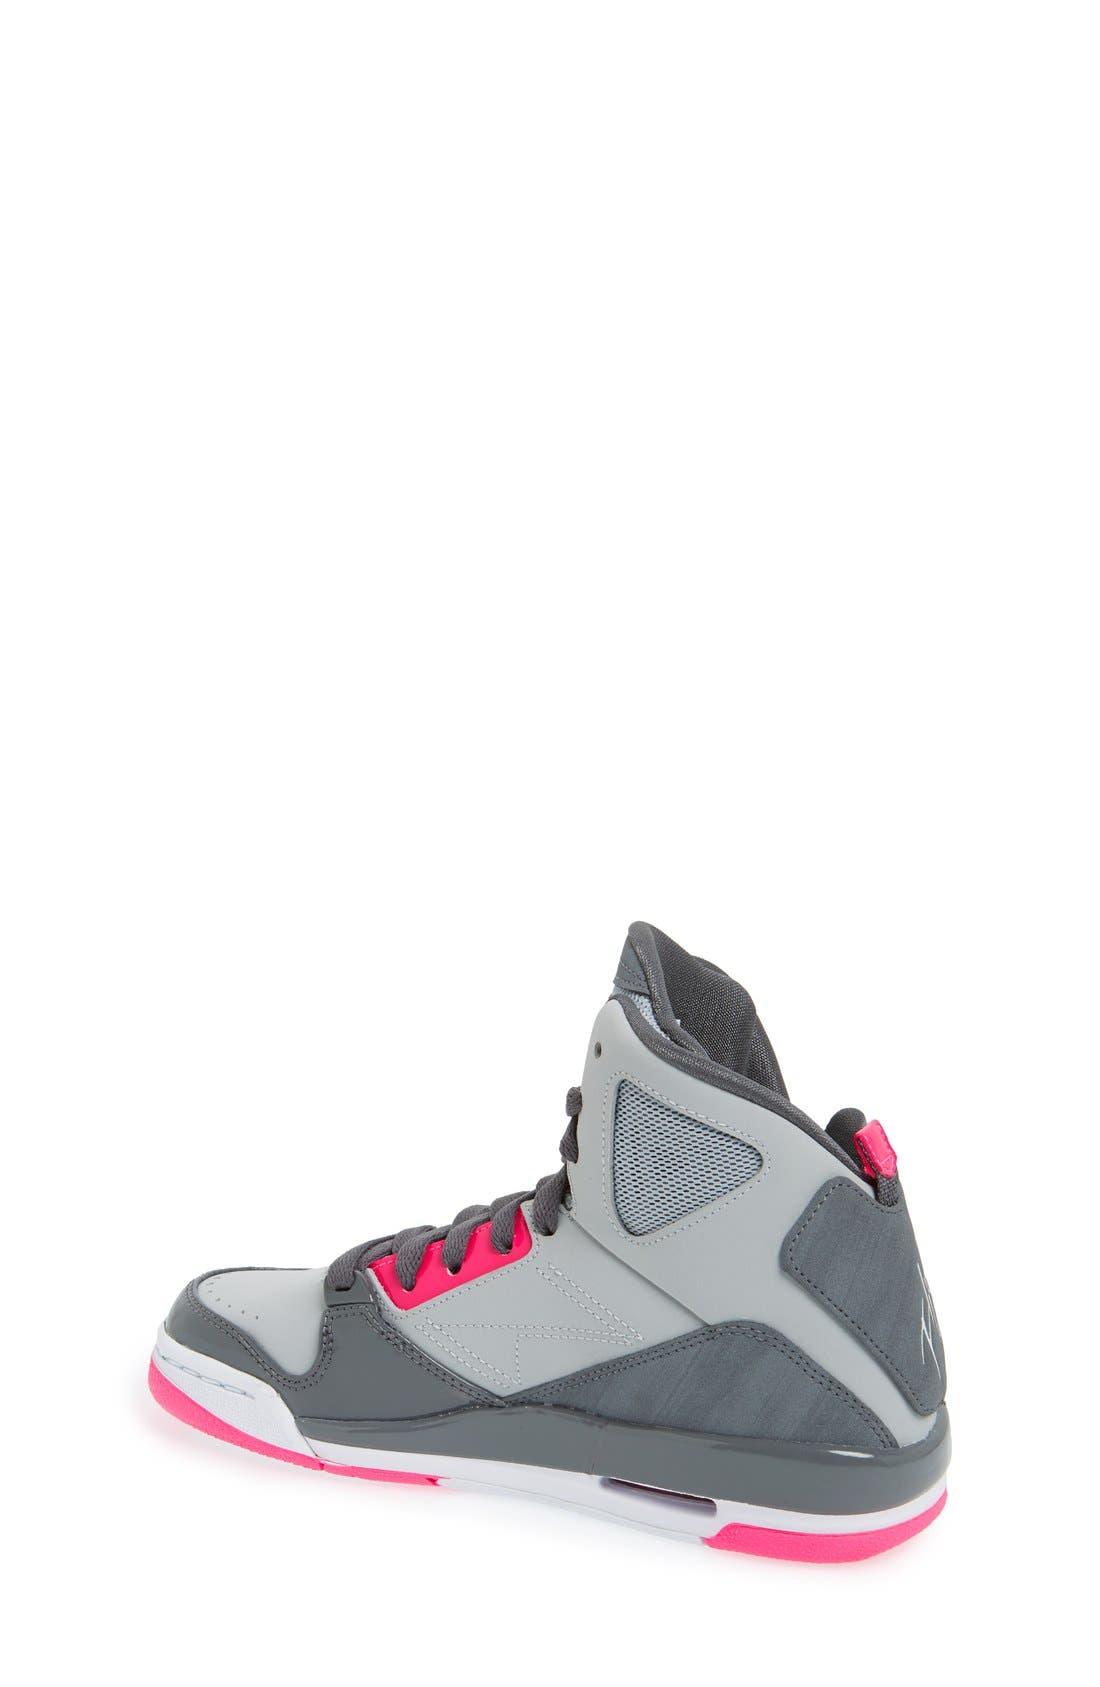 Alternate Image 2  - Nike 'Jordan SC3' Basketball Shoe (Big Kid)